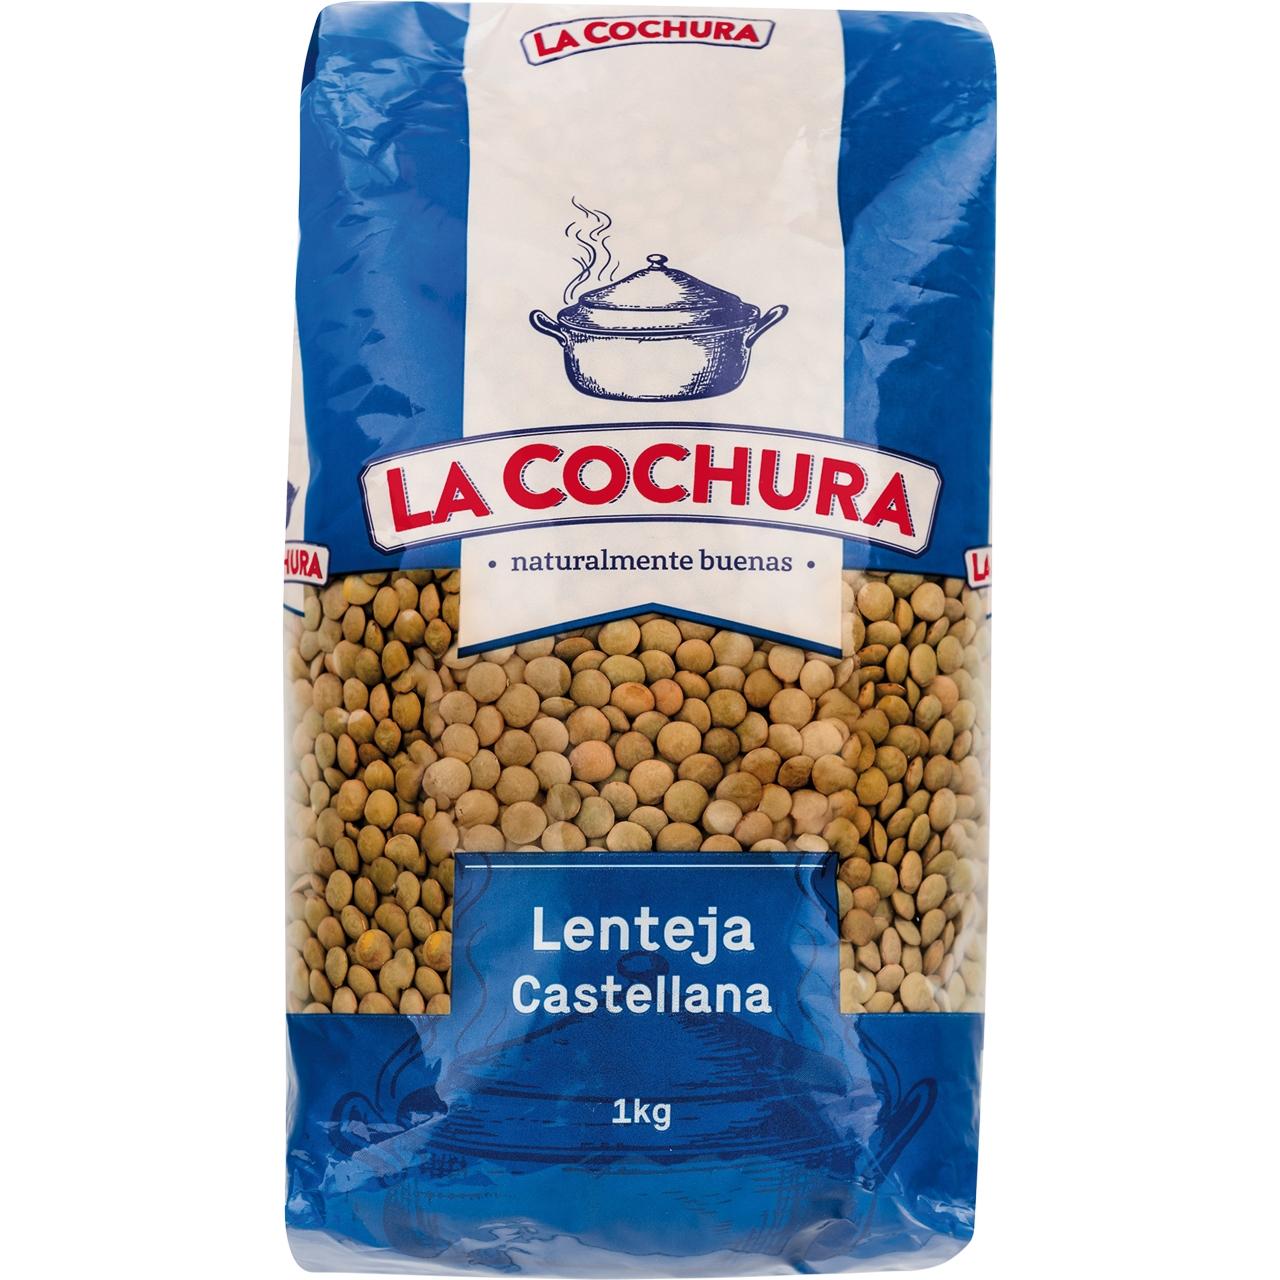 Lenteja castellana extra 1kg. La Cochura